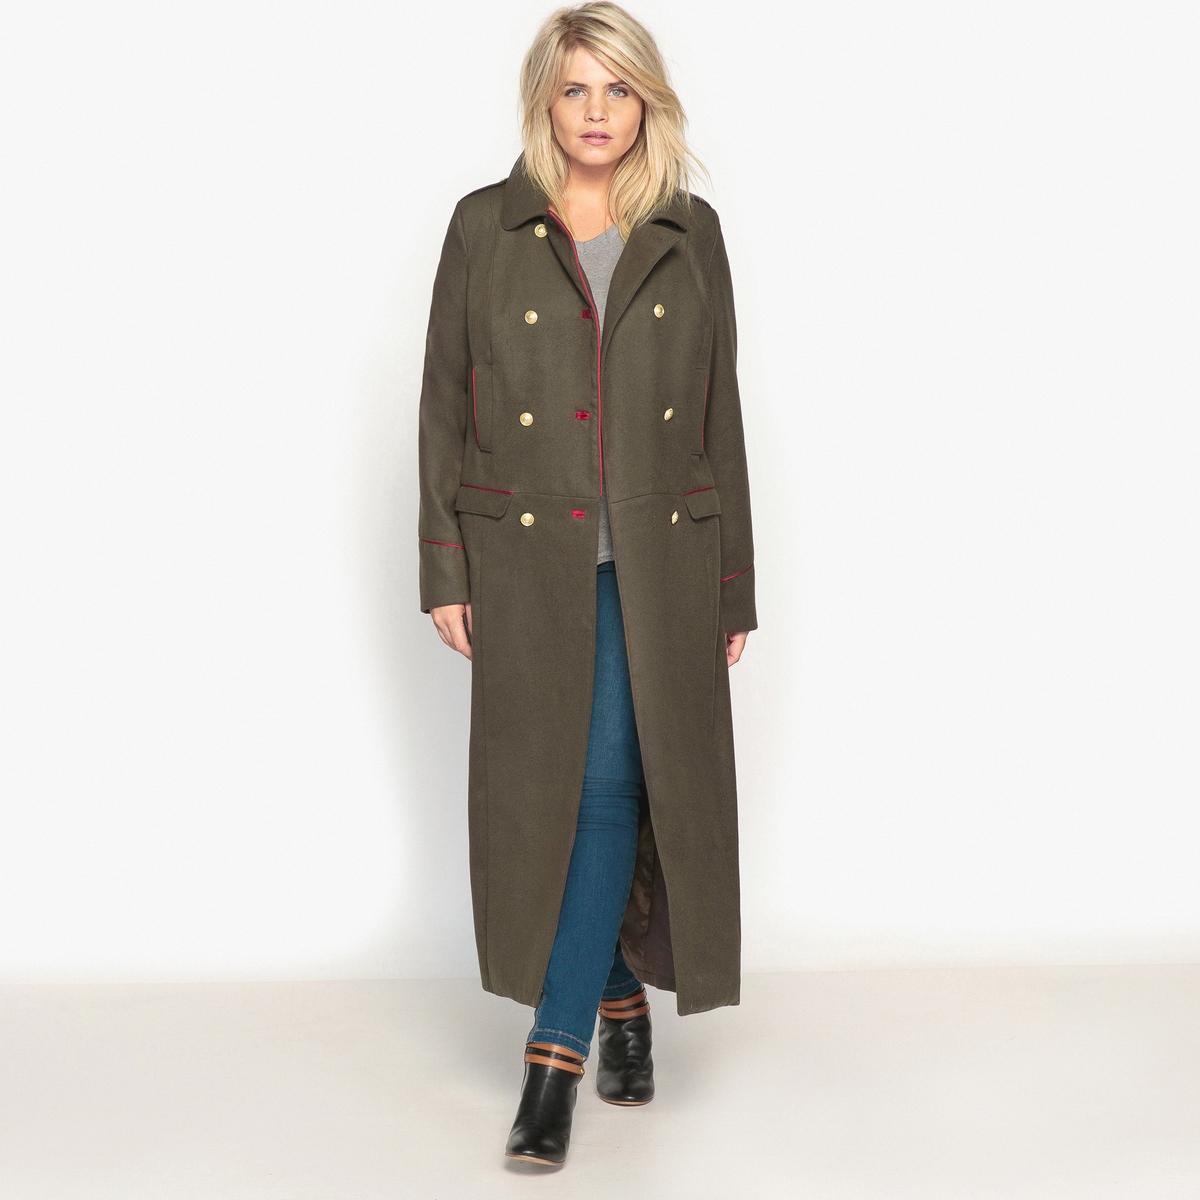 ПальтоОписание:С великолепным пальто в стиле милитари Вы будете готовы к наступлению зимних холодов. Не выходящий из моды стиль милитари, длинный покрой.Детали •  Длина : удлиненная модель •  Воротник-поло, рубашечный • Застежка на пуговицыСостав и уход •  93% полиэстера, 6% вискозы, 1% эластана •  Подкладка : 100% полиэстер • Не стирать •  Деликатная сухая чистка / не отбеливать •  Не использовать барабанную сушку  •  Низкая температура глажки  ВАЖНО: Товар без манжетТовар из коллекции больших размеров •  Пальто в стиле милитари с двубортной застежкой на пуговицы. •  Контрастная отделка красной бейкой. •  4 кармана. •  Длина : 130,9 см<br><br>Цвет: хаки темный<br>Размер: 50 (FR) - 56 (RUS).48 (FR) - 54 (RUS).44 (FR) - 50 (RUS)